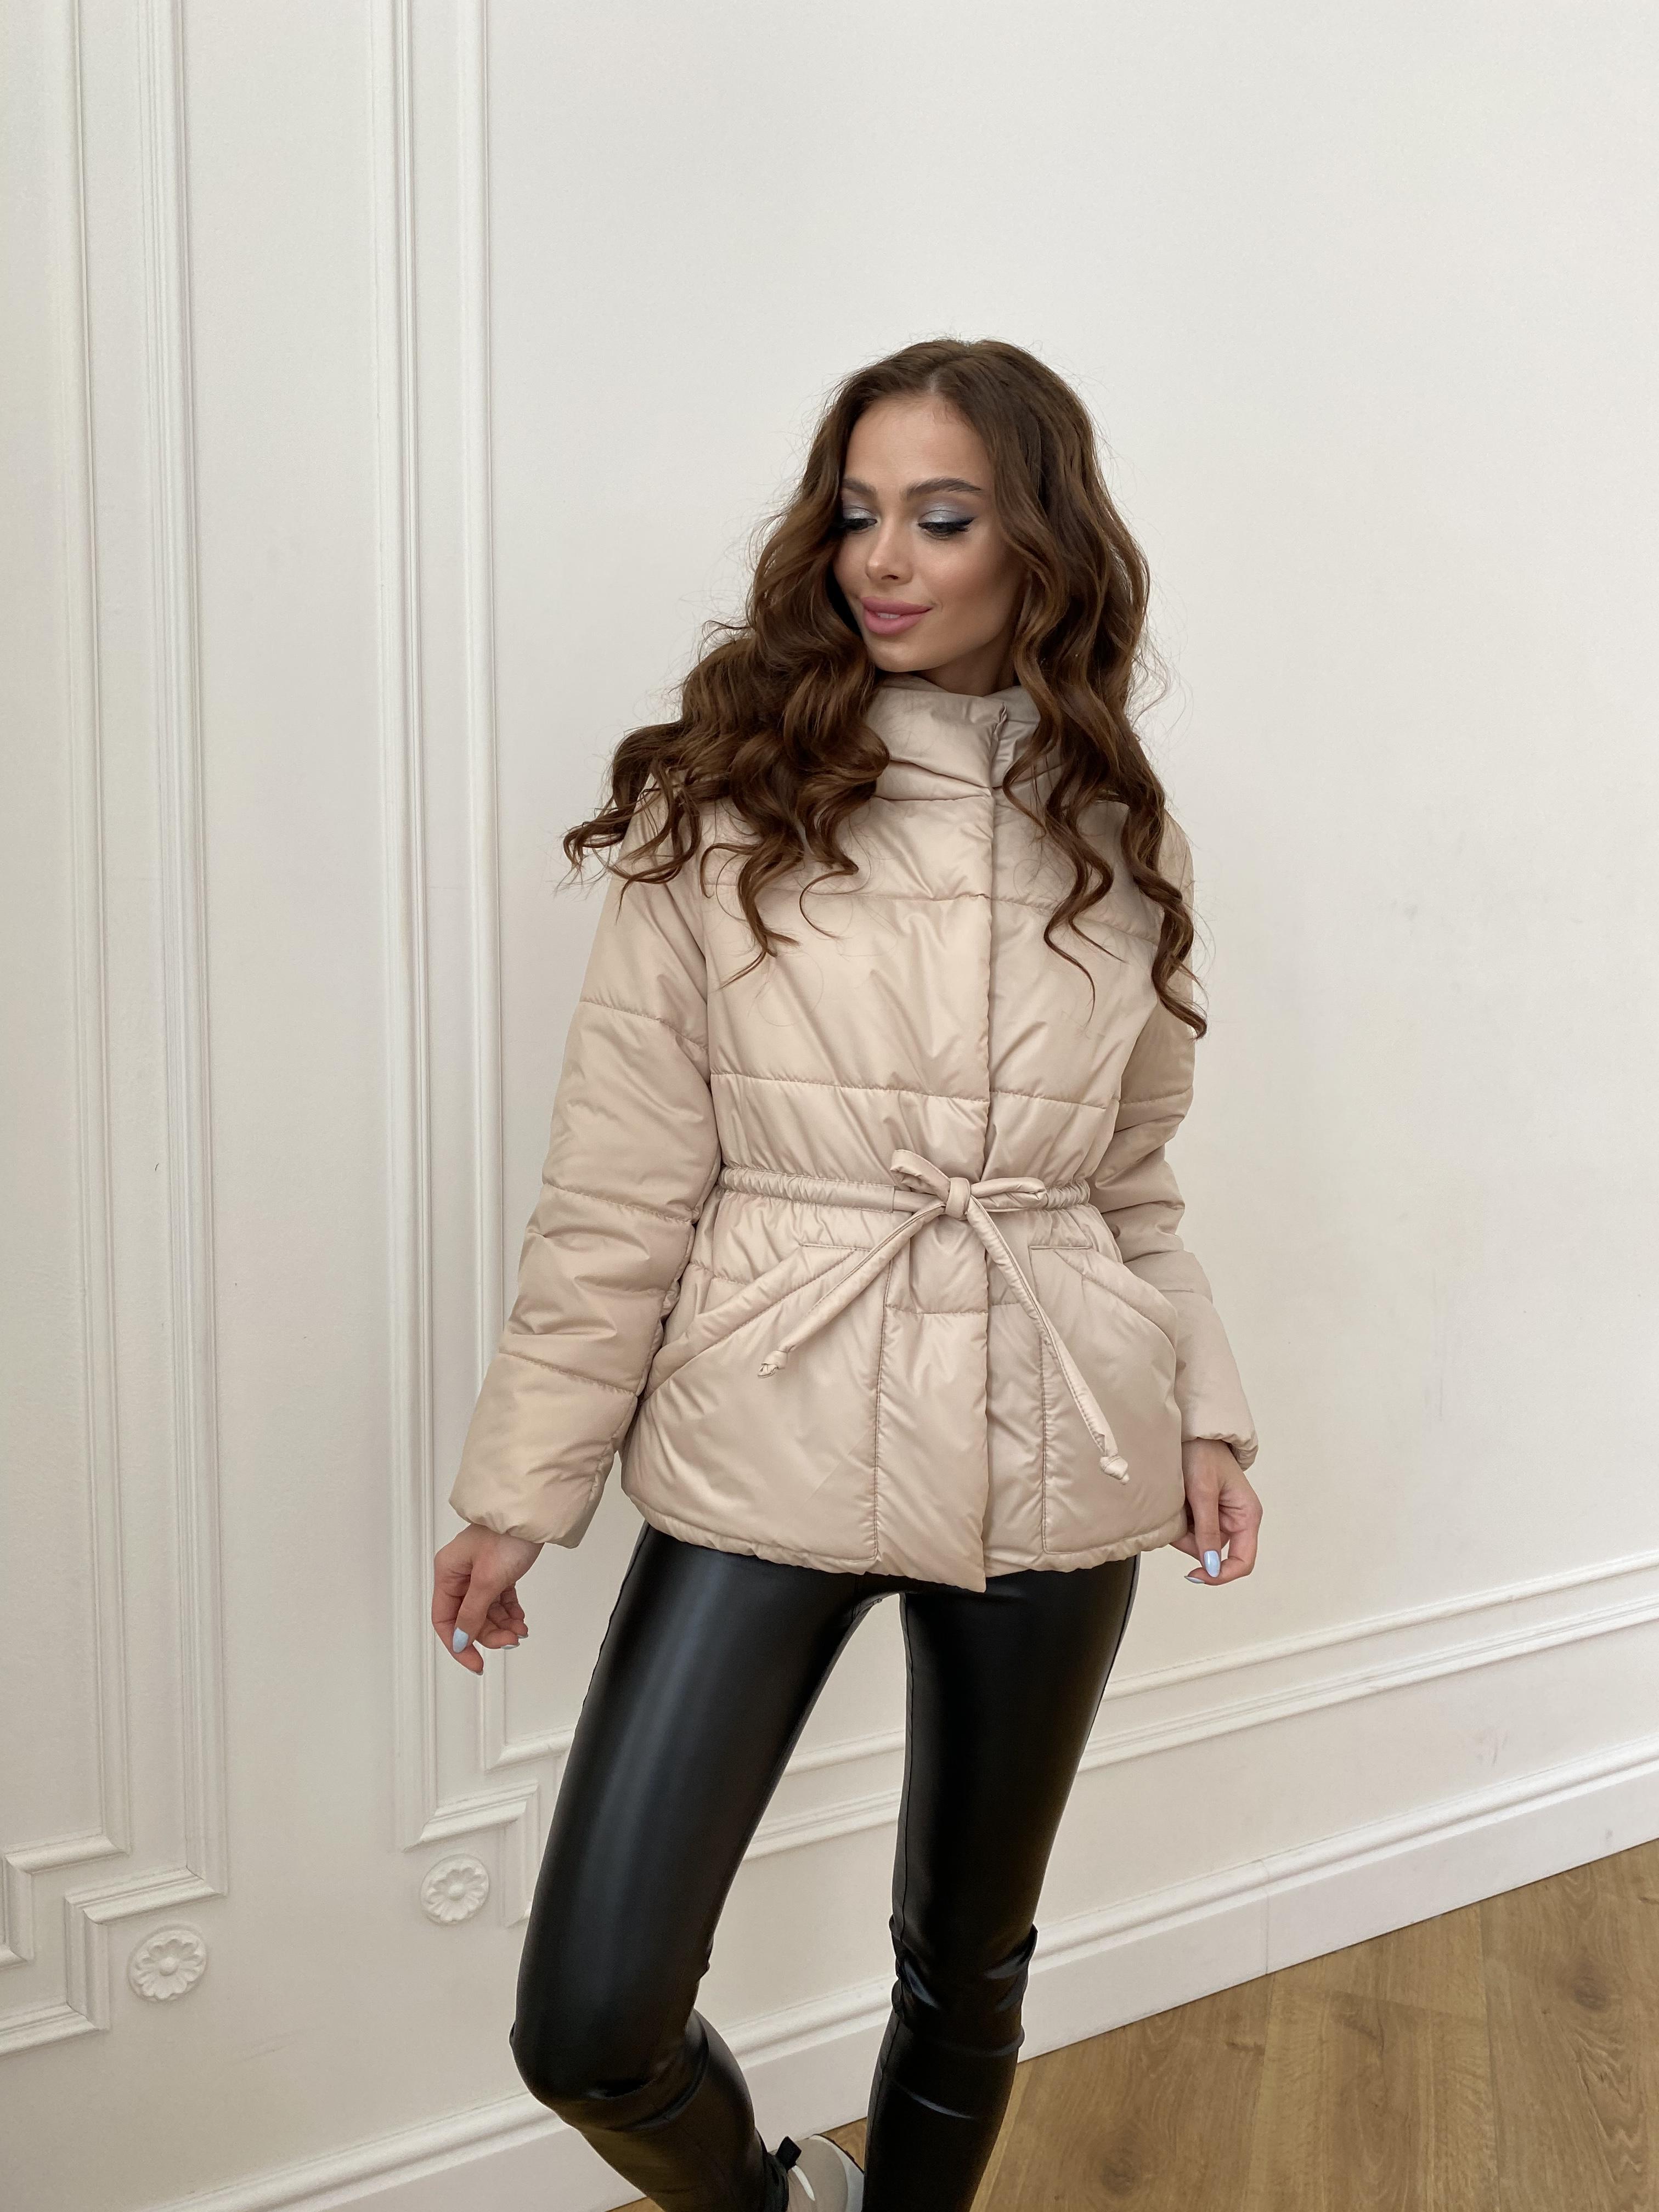 Пино куртка из плащевой ткани 10489 АРТ. 47391 Цвет: Бежевый - фото 8, интернет магазин tm-modus.ru